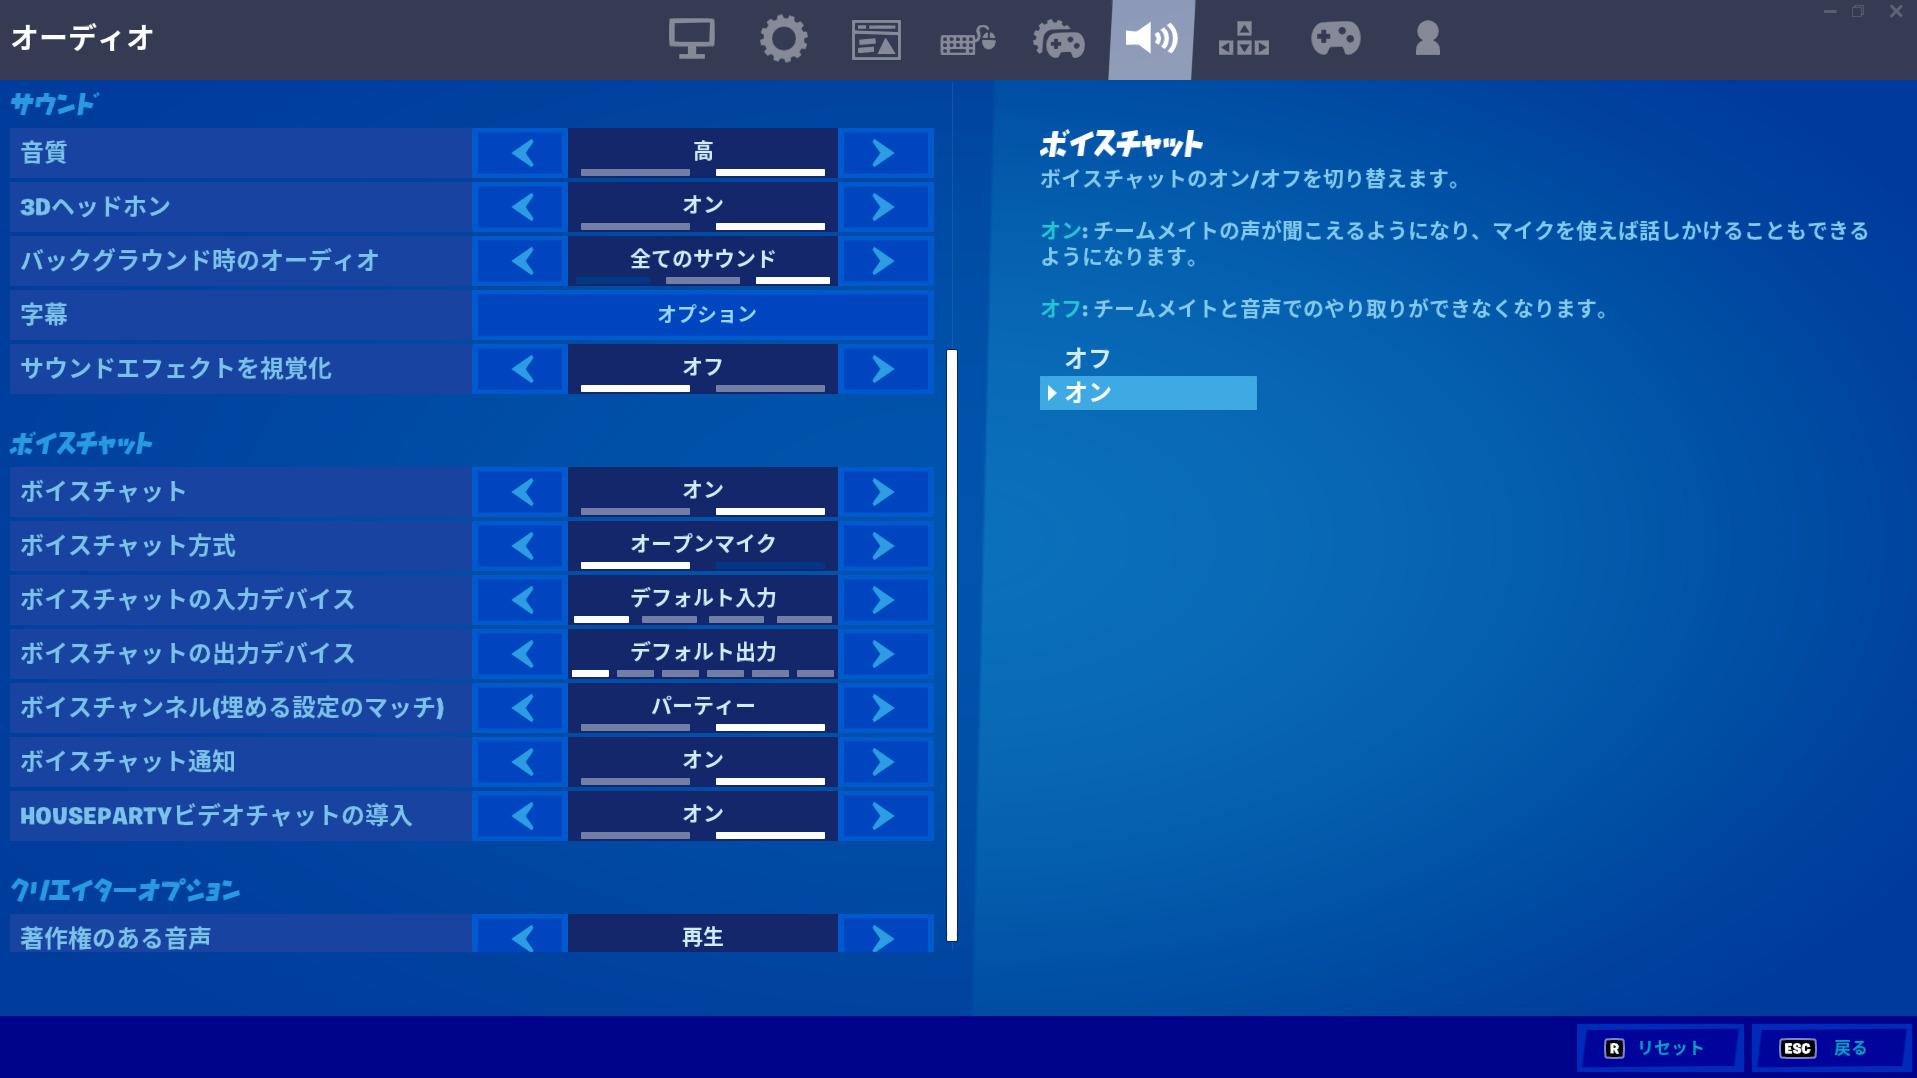 【PC版フォートナイト】ボイスチャット(VC)ができない時の対処法【Fortnite】